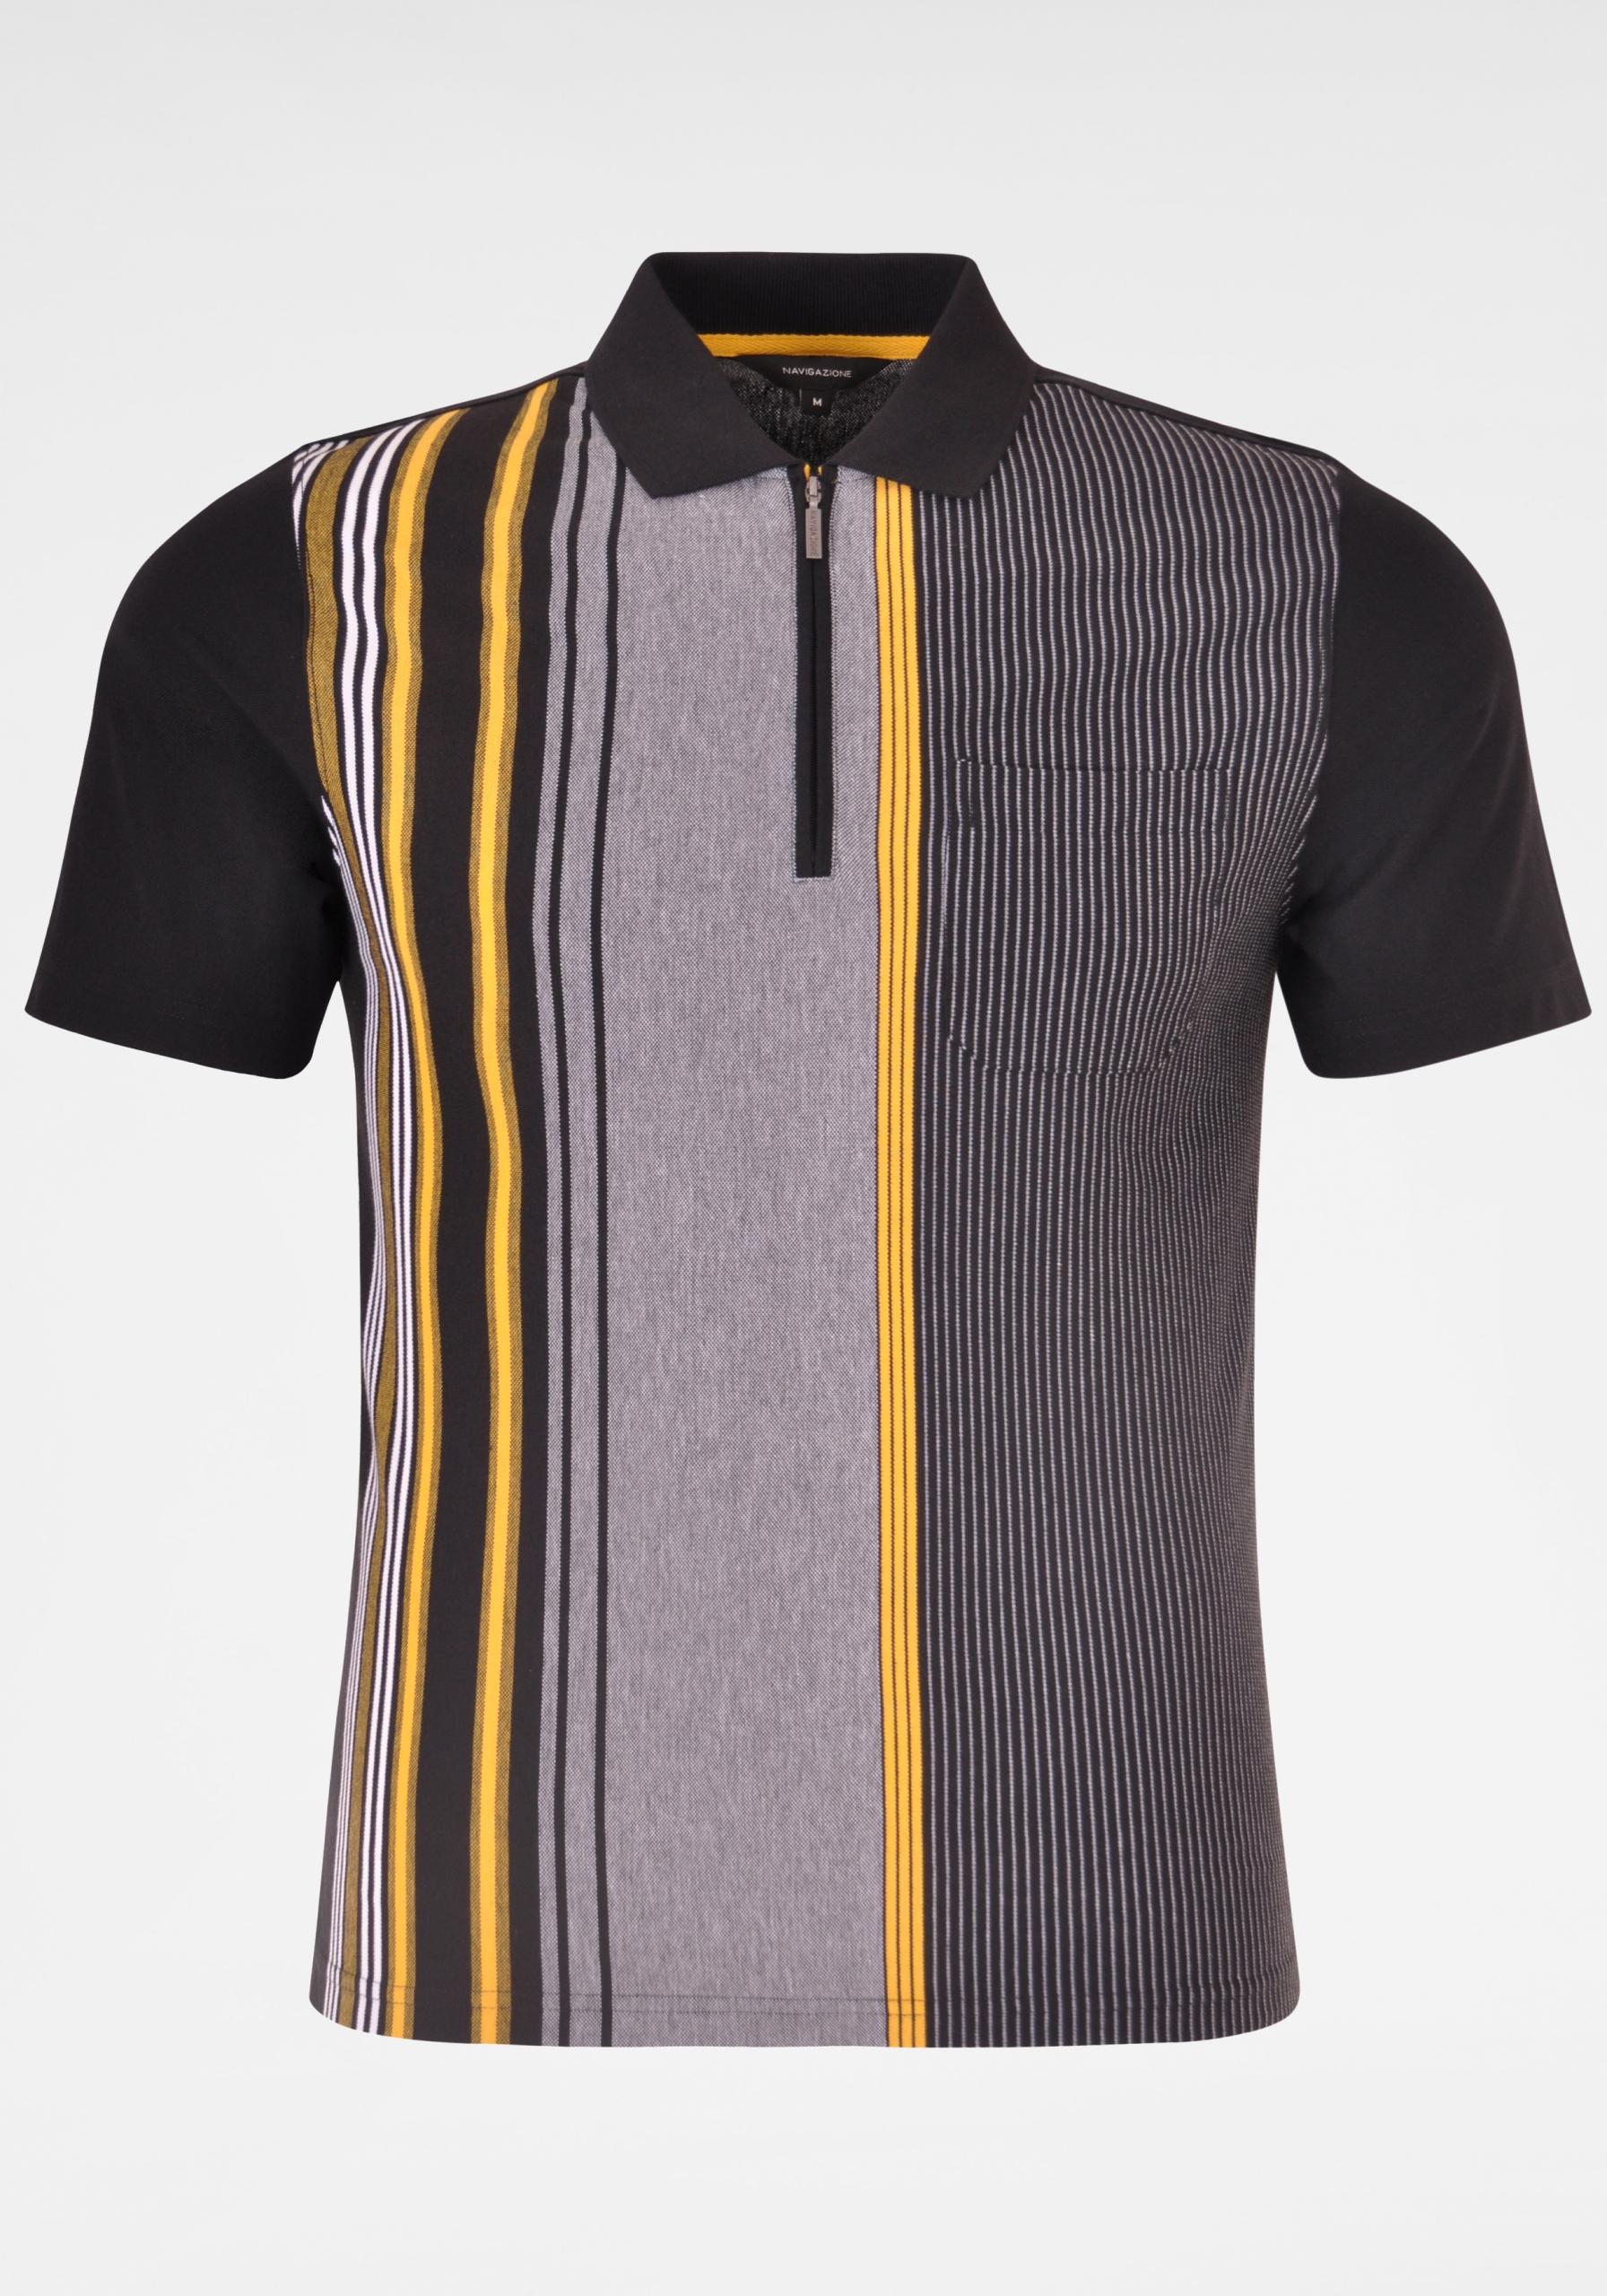 Herren Poloshirt mit vertikalen Linien